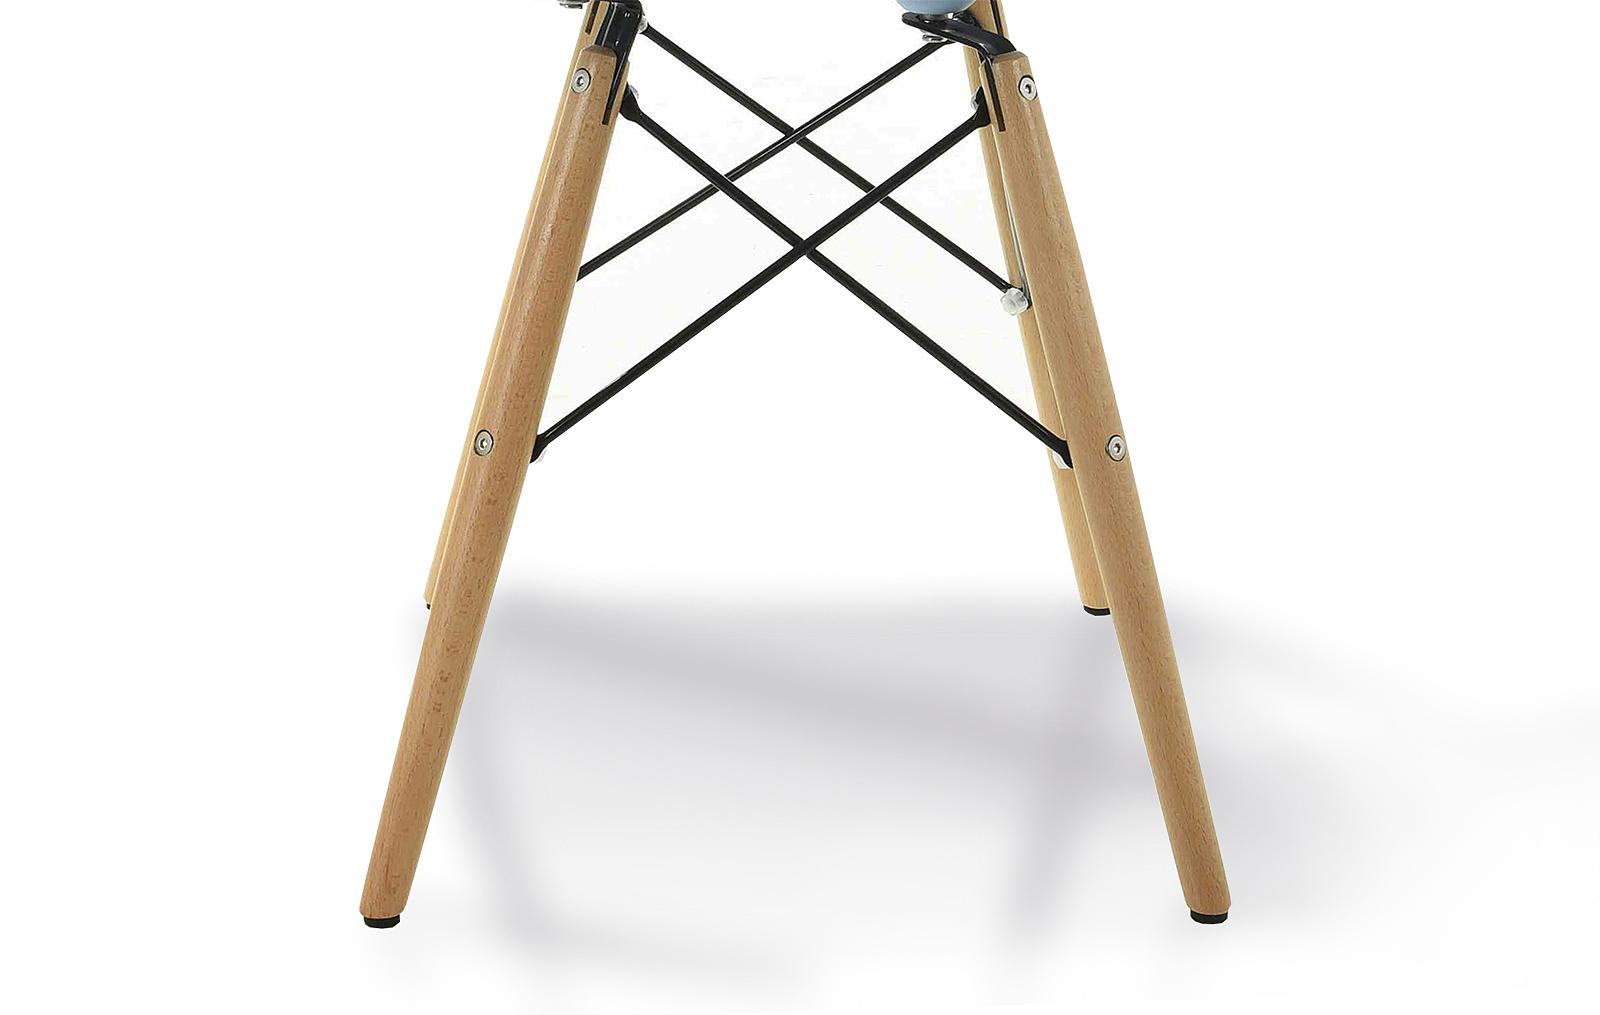 ножки от стула DUPEN DC231A голубой/белый